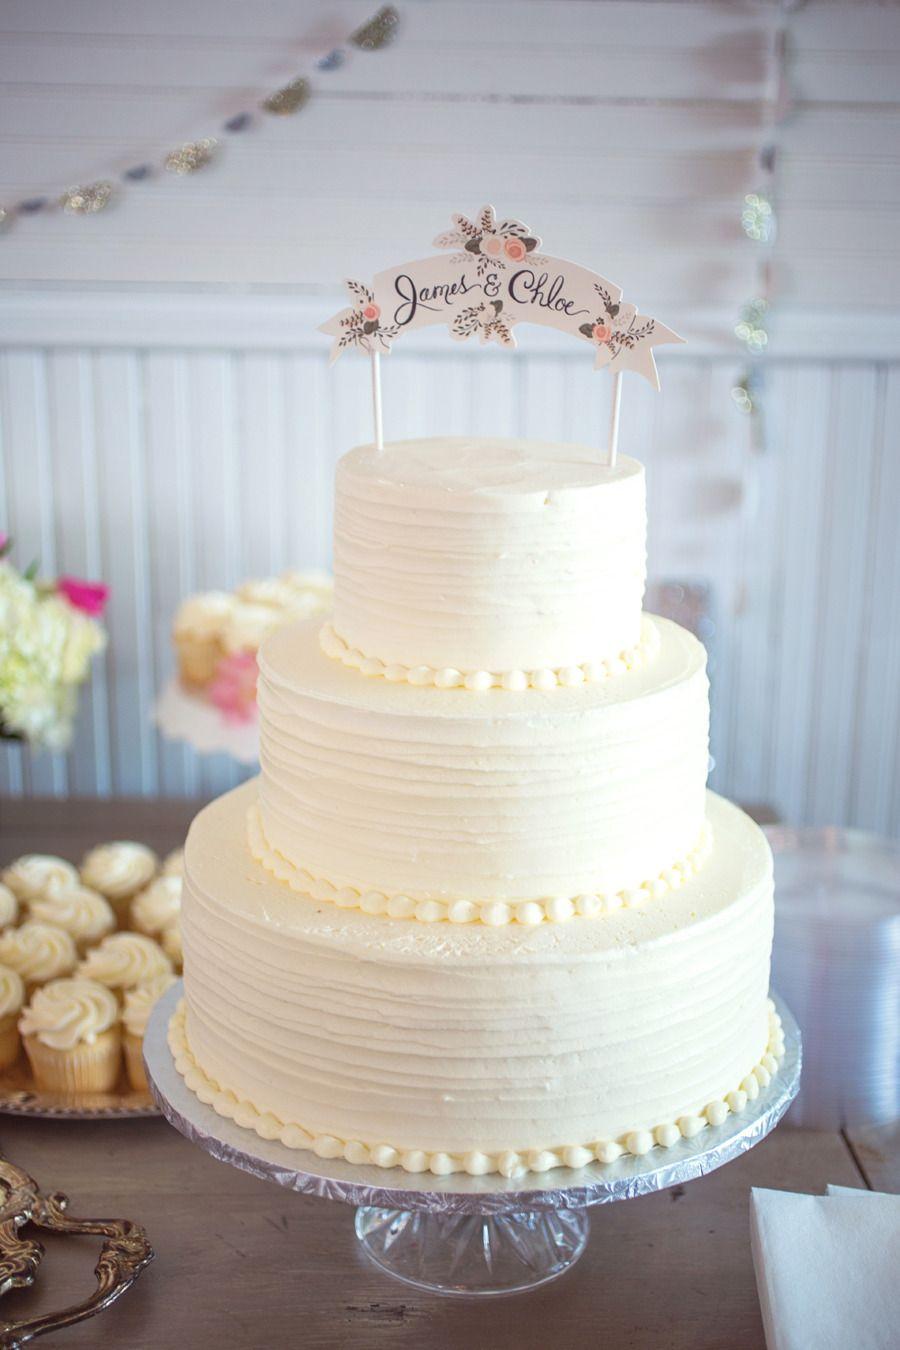 Simple, white, three tier wedding cake